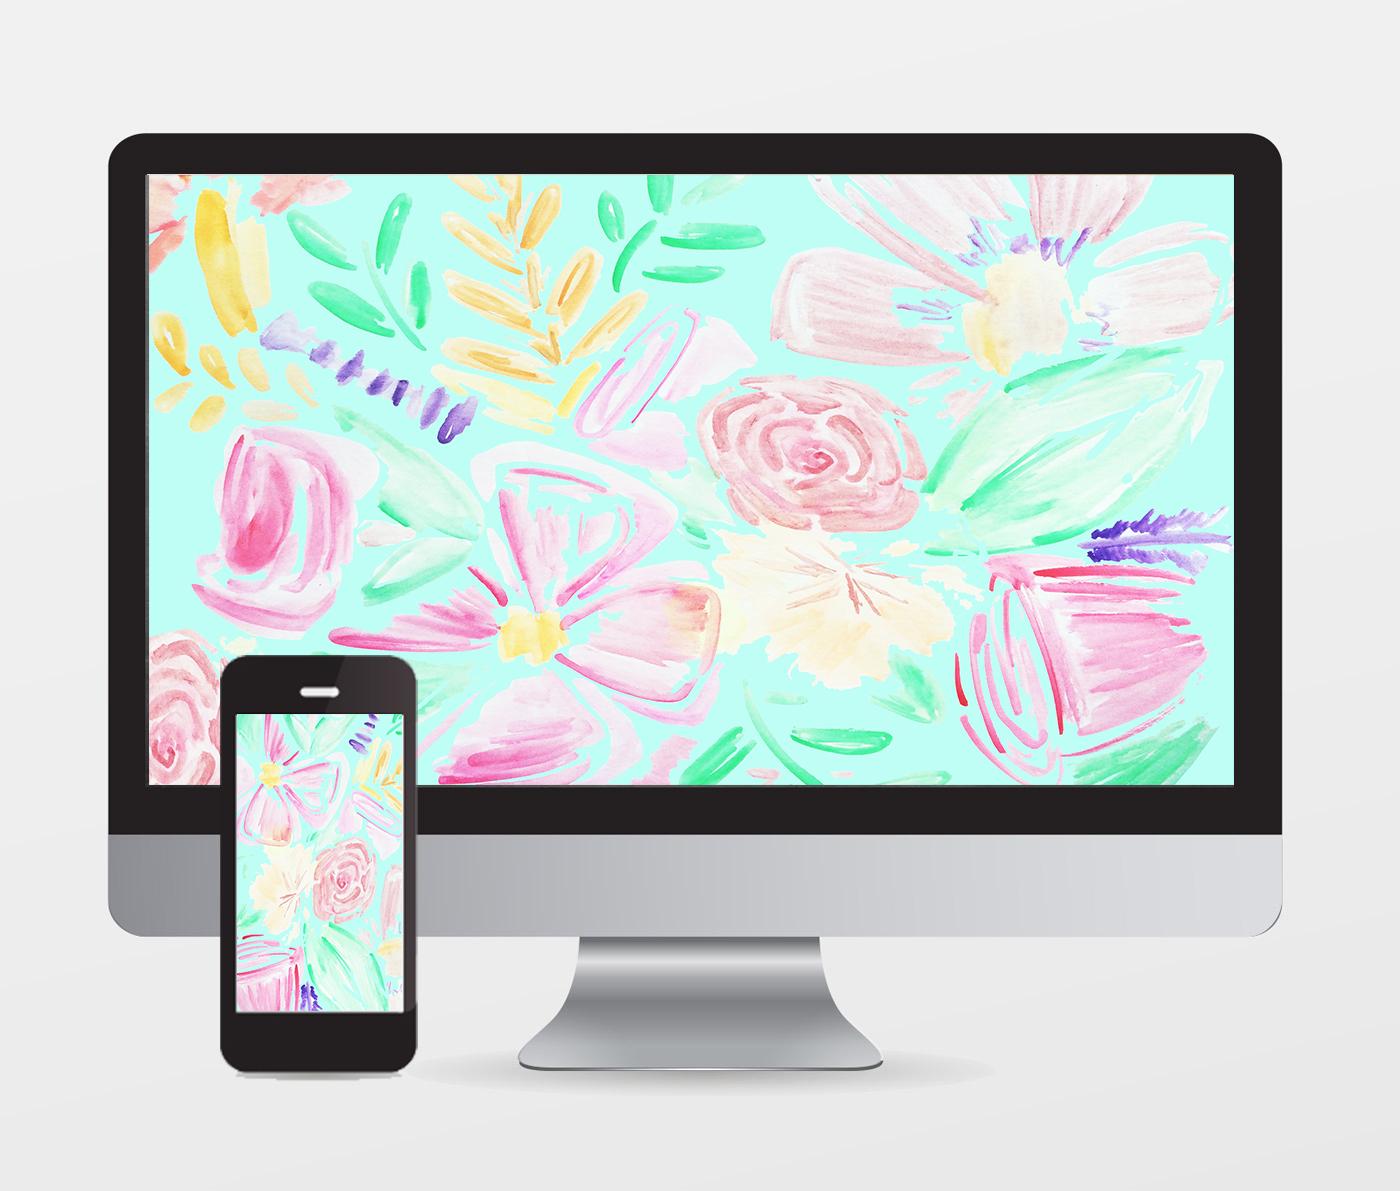 spring-wallpaper-computers.jpg